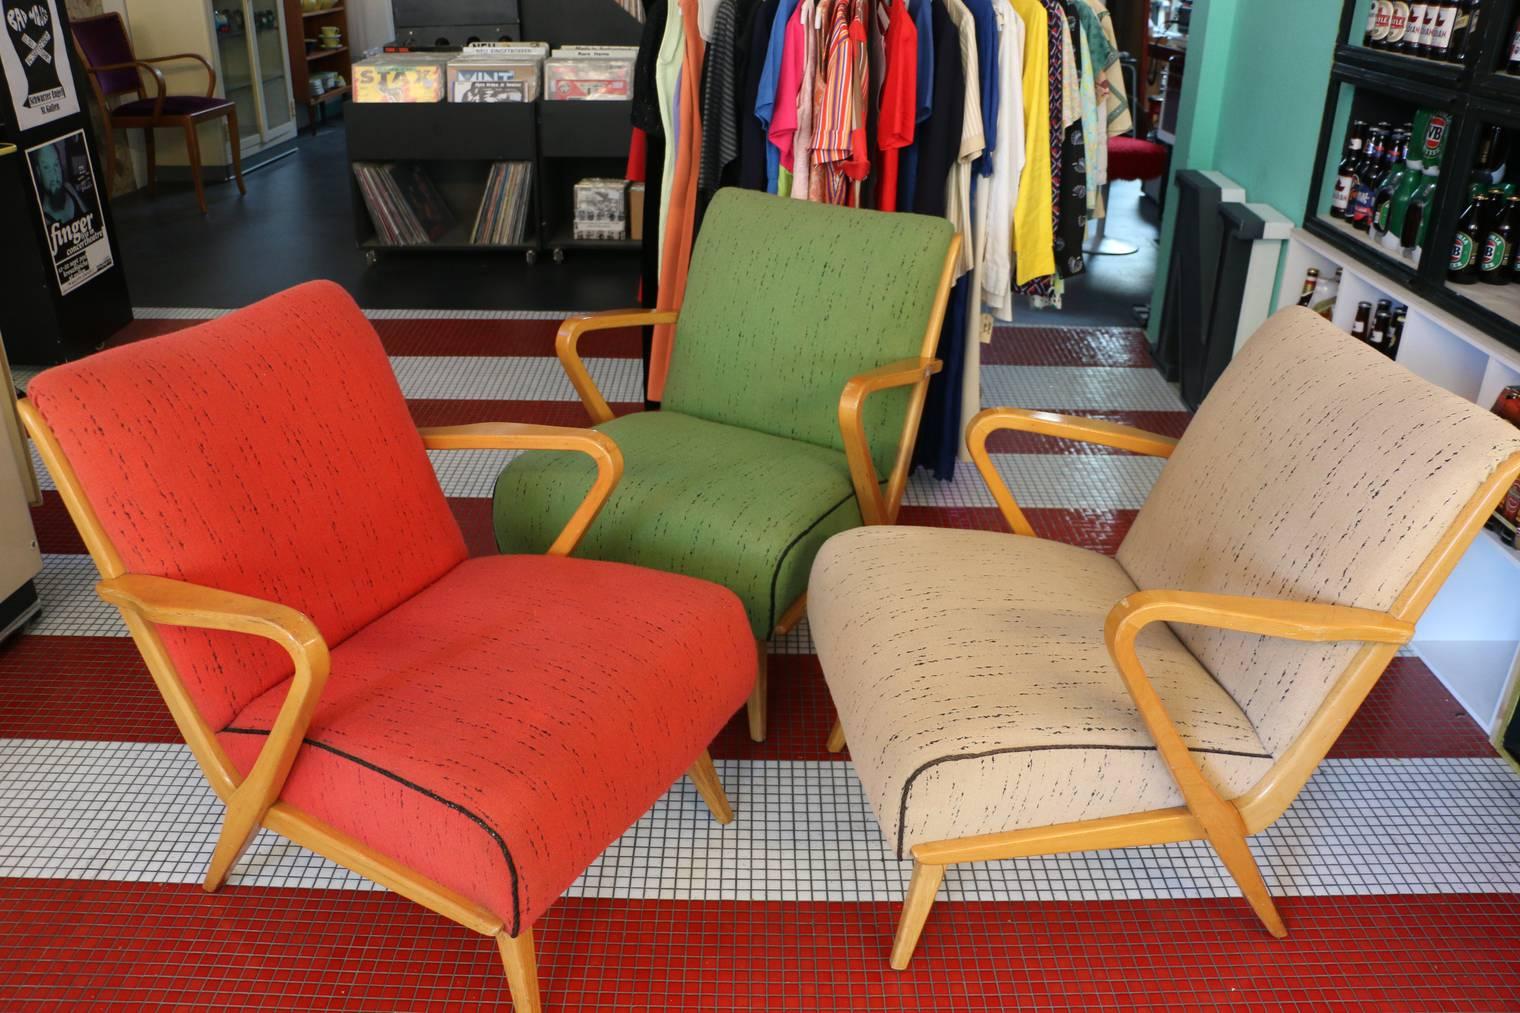 Am Samstag werden über zweihundert Vintage-Stühle verkauft. Weitere Sessel und Stühle findest du in der Galerie. (Bild: FM1Today/NinaMüller)